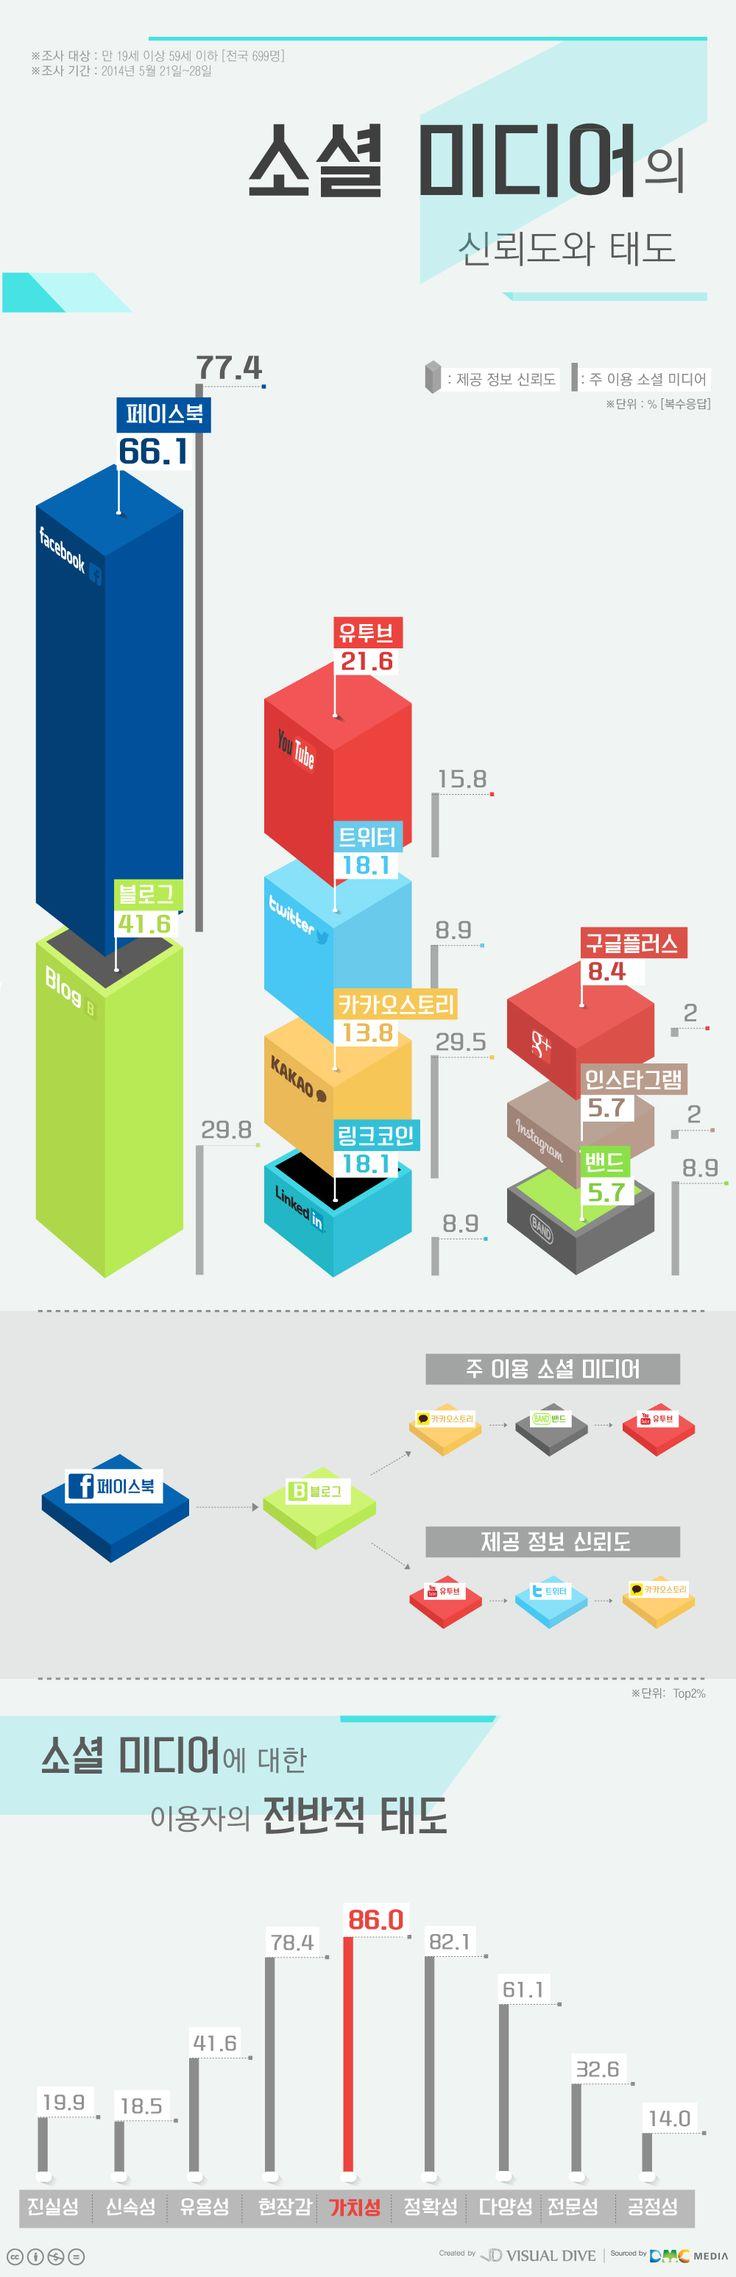 소비자 신뢰도 가장 높은 소셜 미디어는? [인포그래픽] #SocialMedia / #Infographic ⓒ 비주얼다이브 무단 복사·전재·재배포 금지